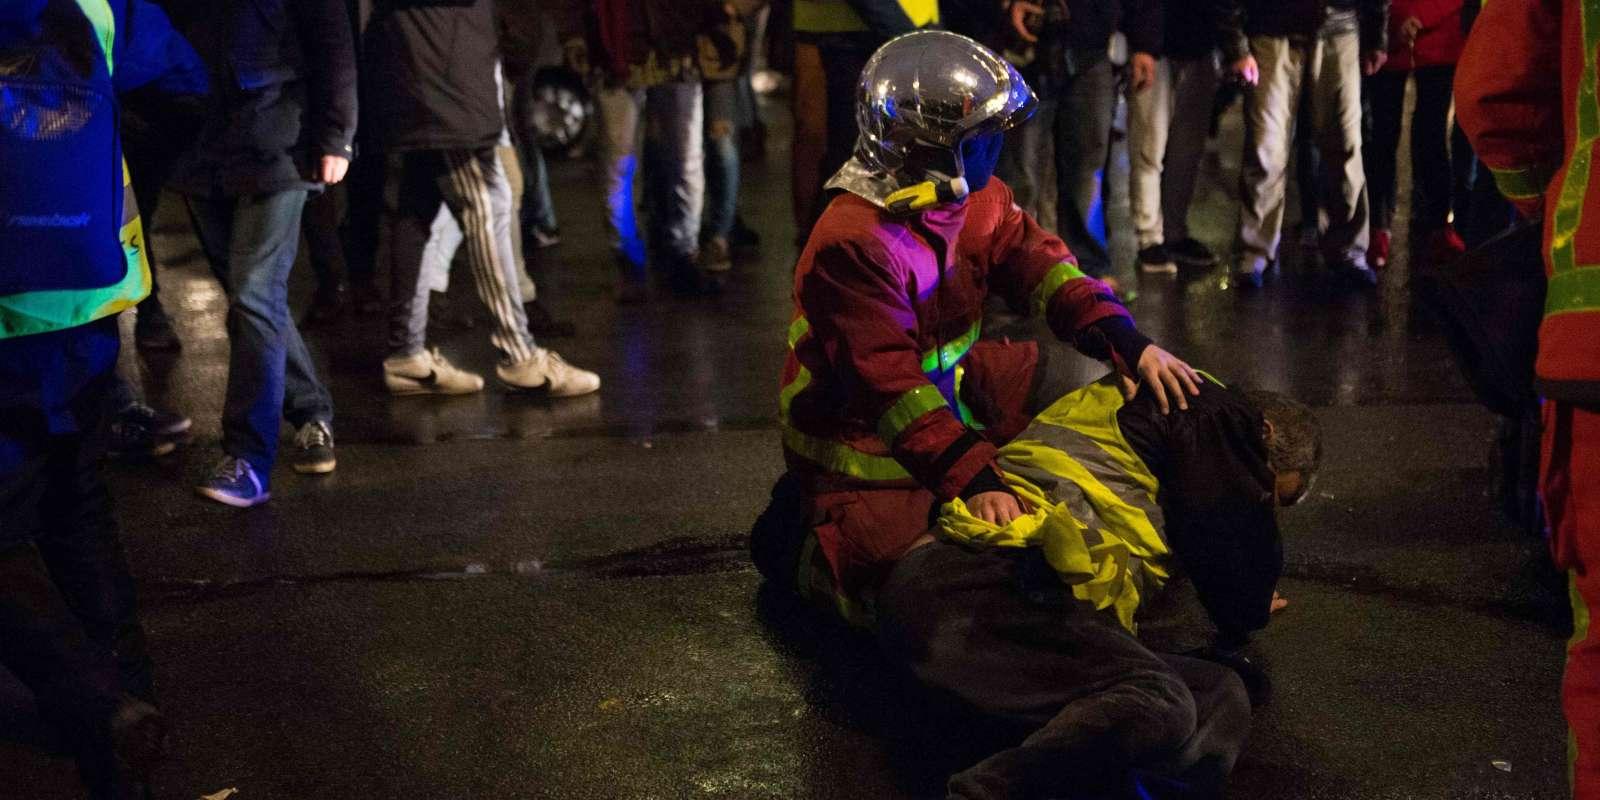 Un sapeur-pompier porte secours à un blessé, près des jardins des Tuileries, à Paris, samedi 1er décembre.